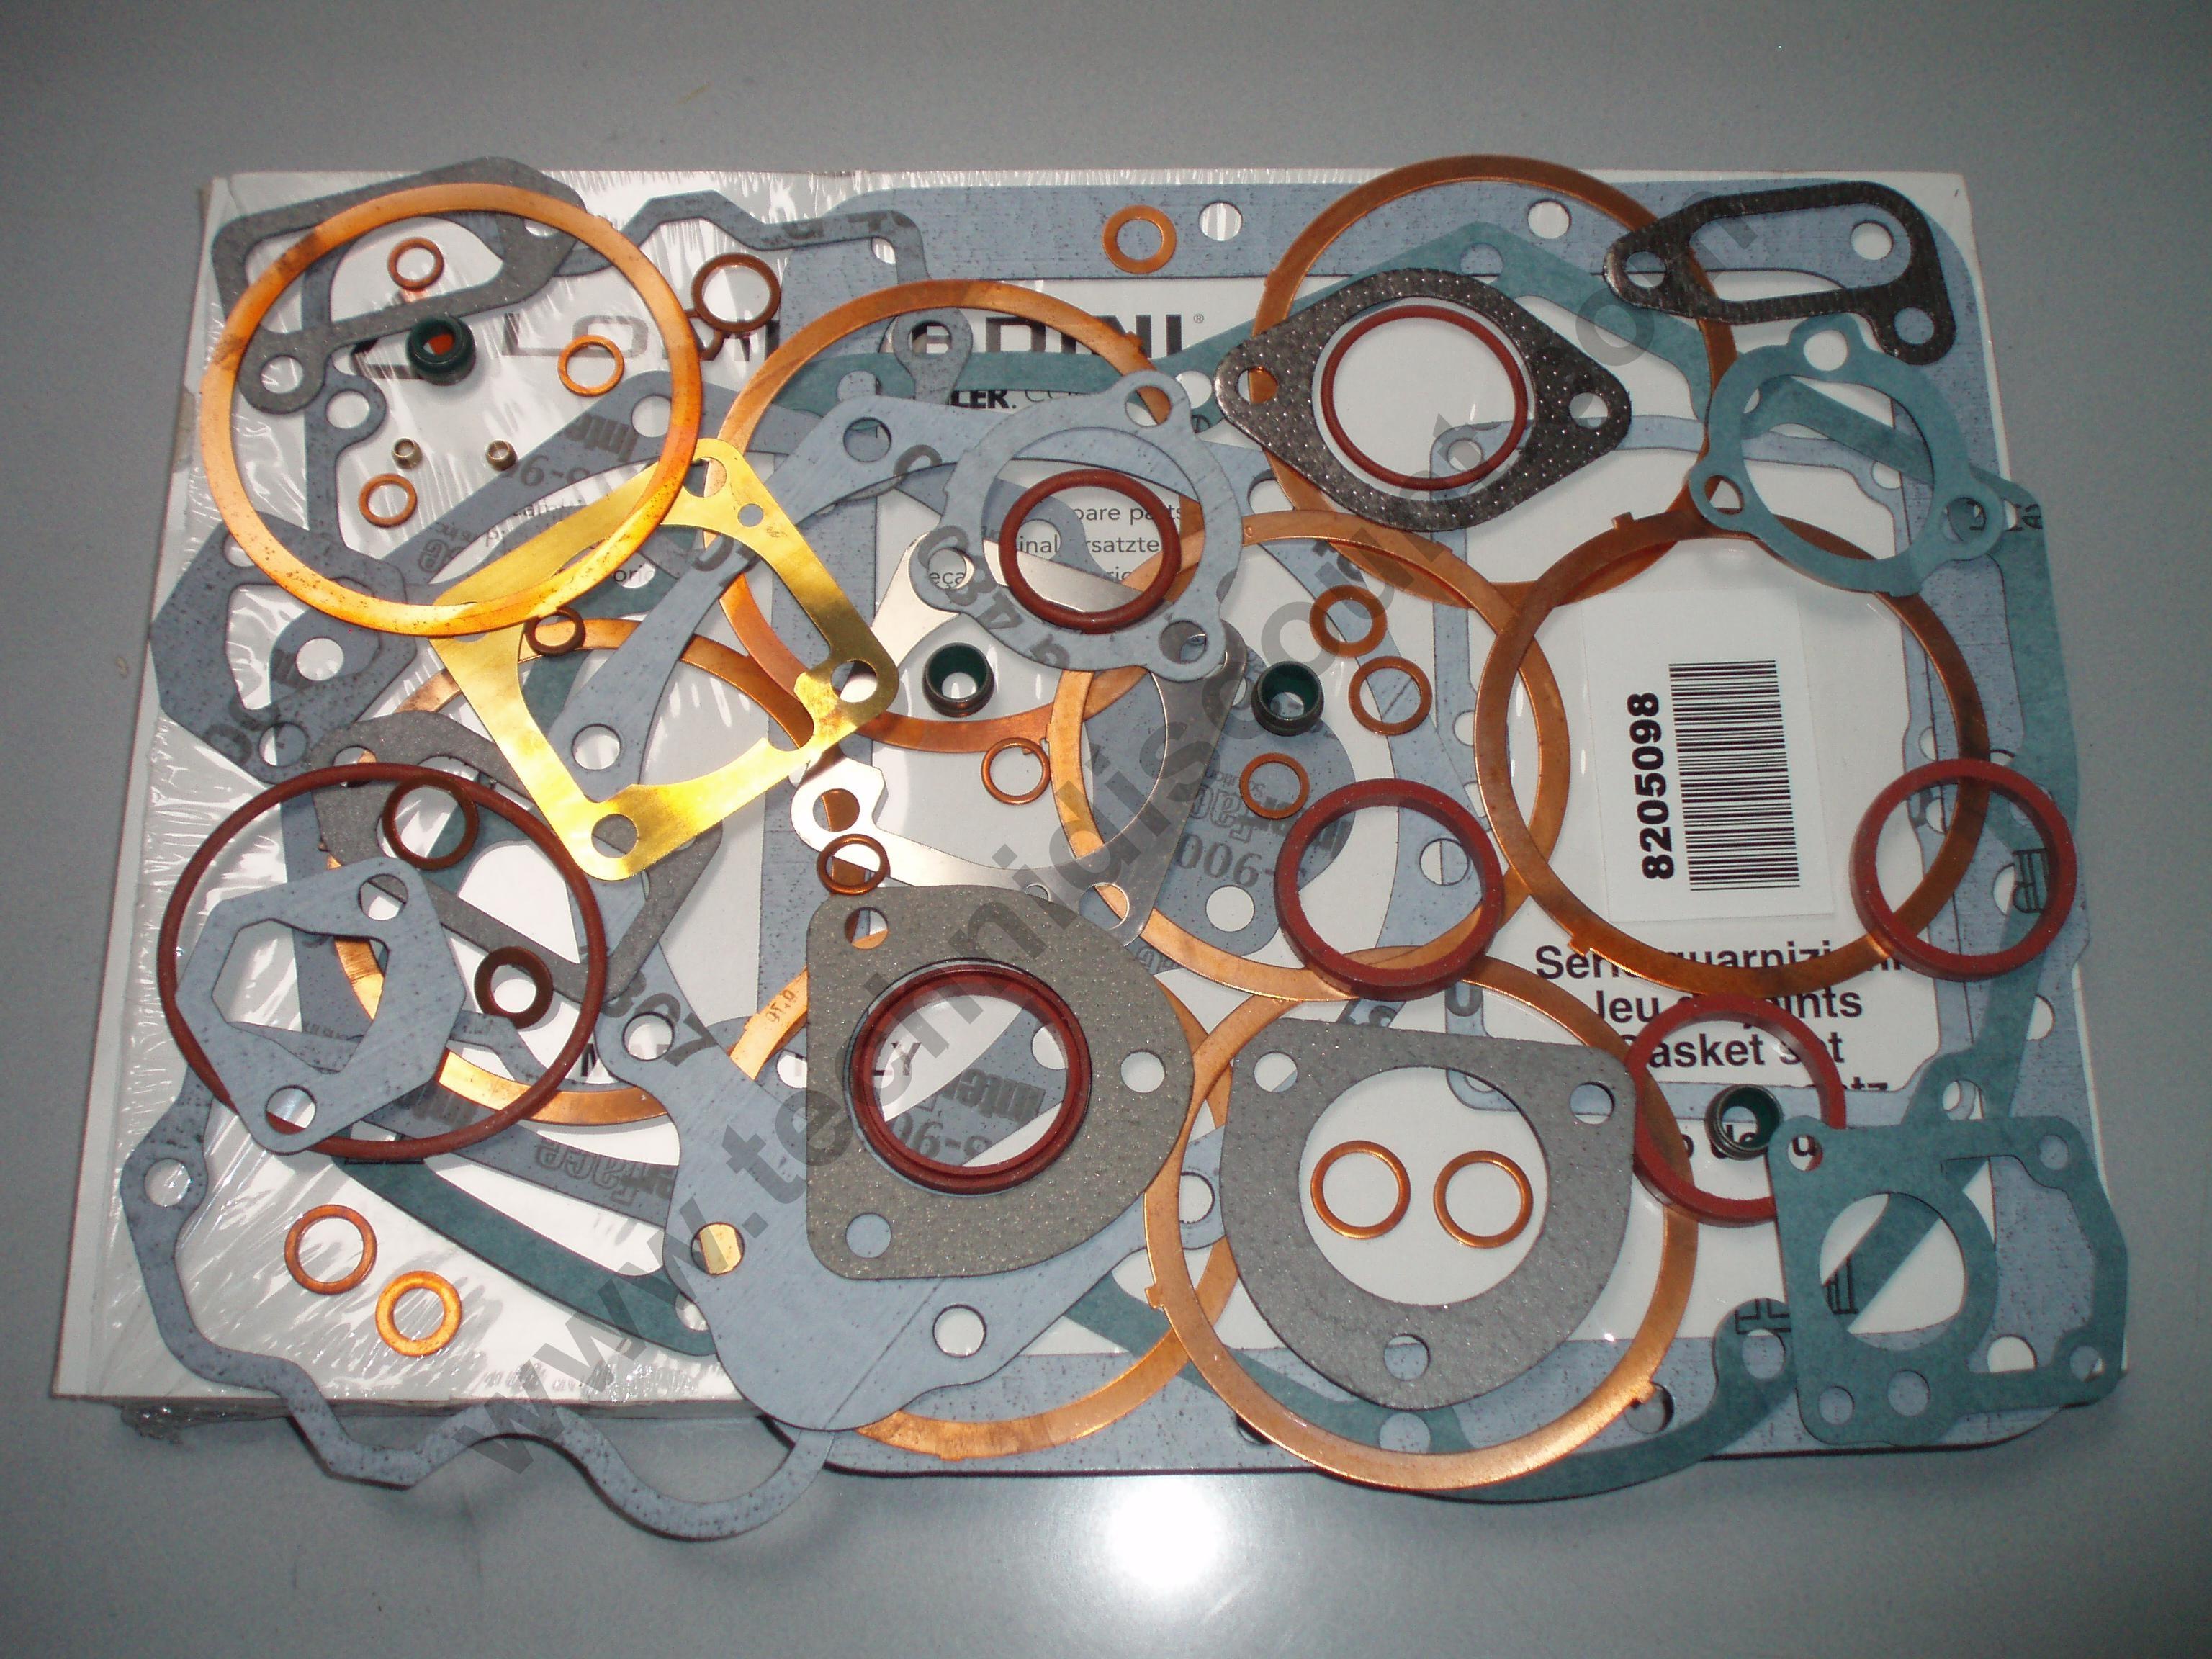 Pochette joints 9LD561-2 LOMBARDINI 8205098 ED0082050980-S